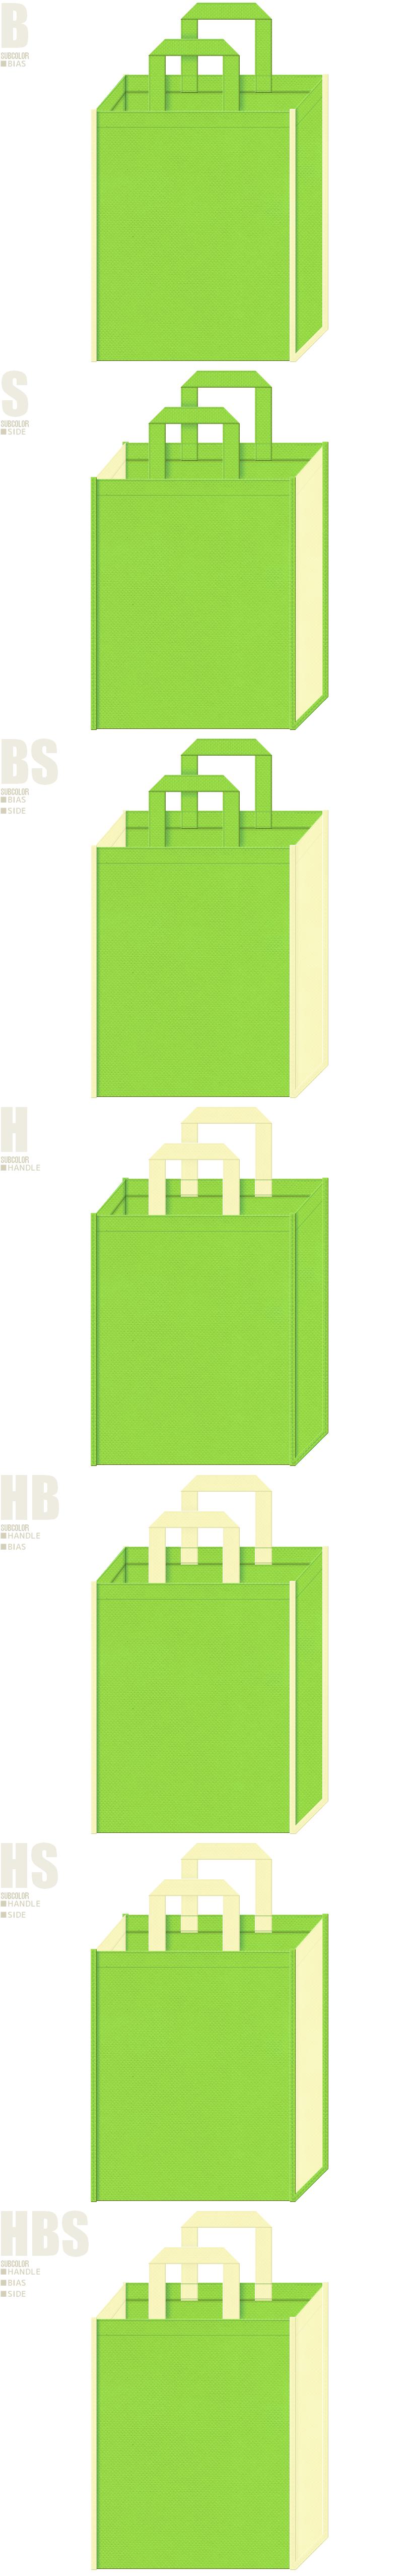 絵本・おとぎ話・小鳥・インコ・ナチュラル・草原・春のイベント・エコバッグにお奨めの不織布バッグデザイン:黄緑色と薄黄色の配色7パターン